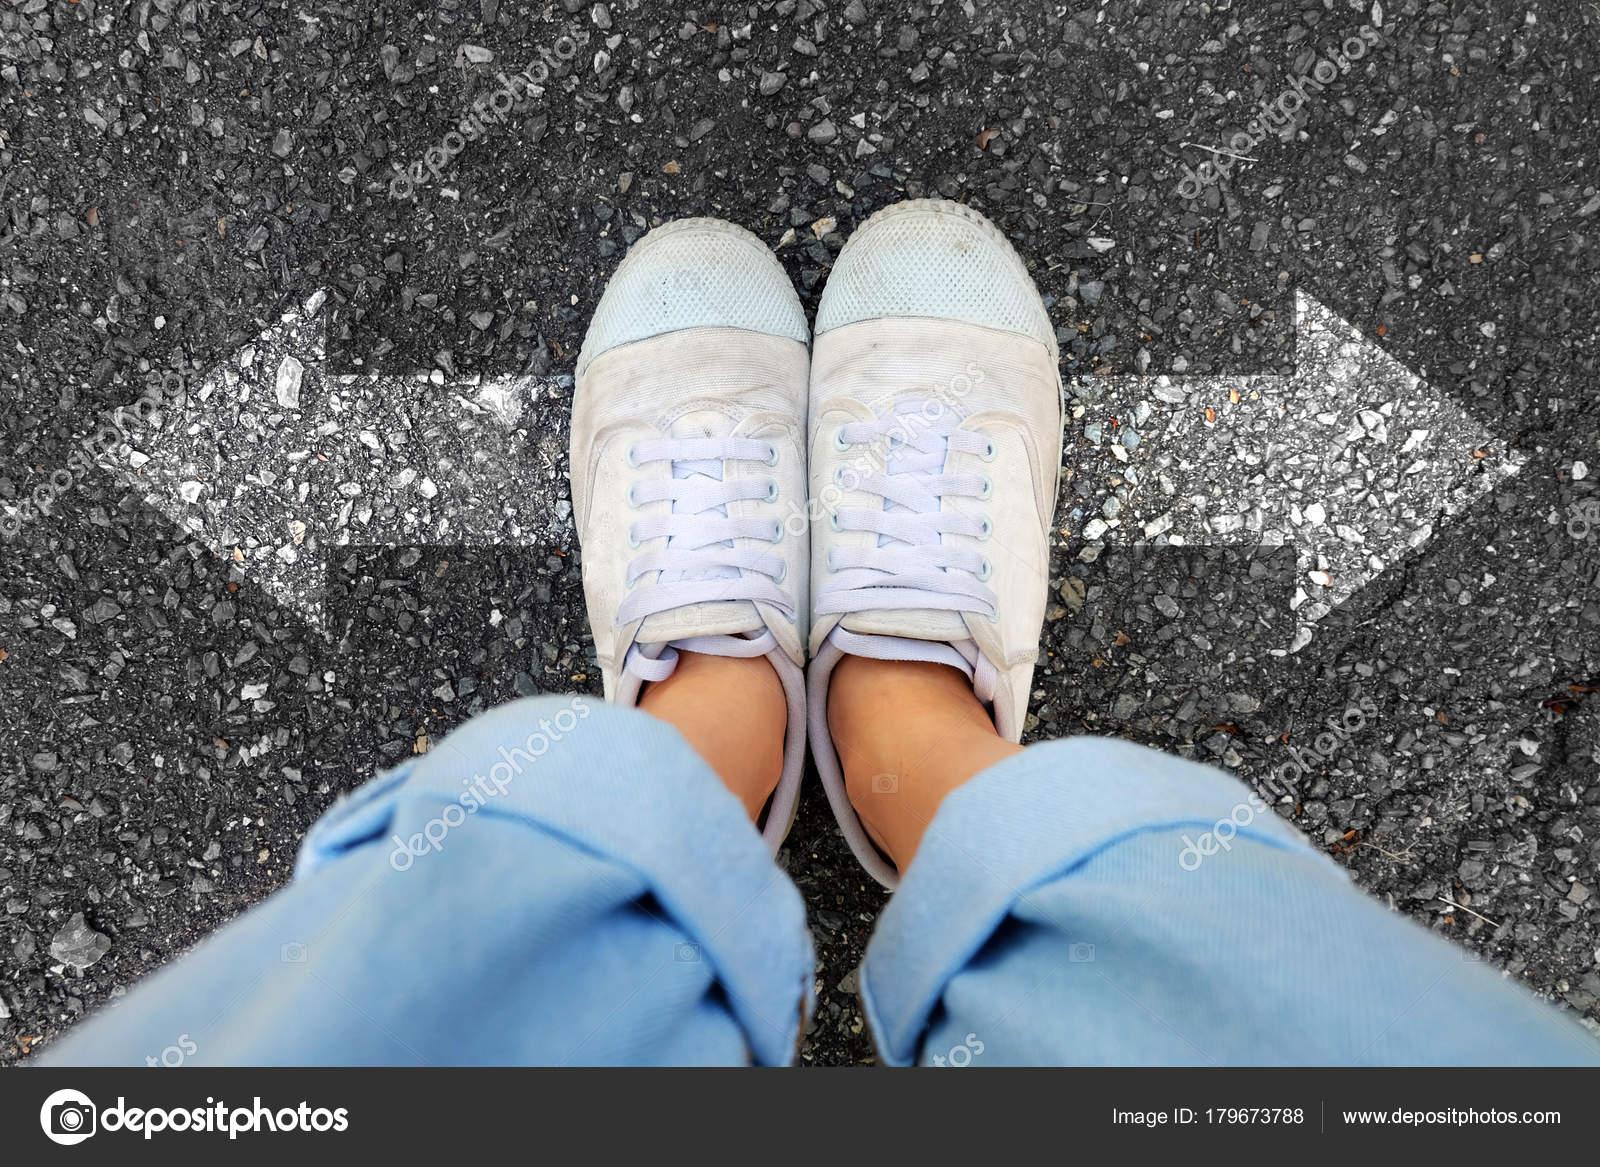 Und Blaue Weiße Tragen Frau Turnschuhe Selfie Schuhe Jeans uiTwPXZOkl